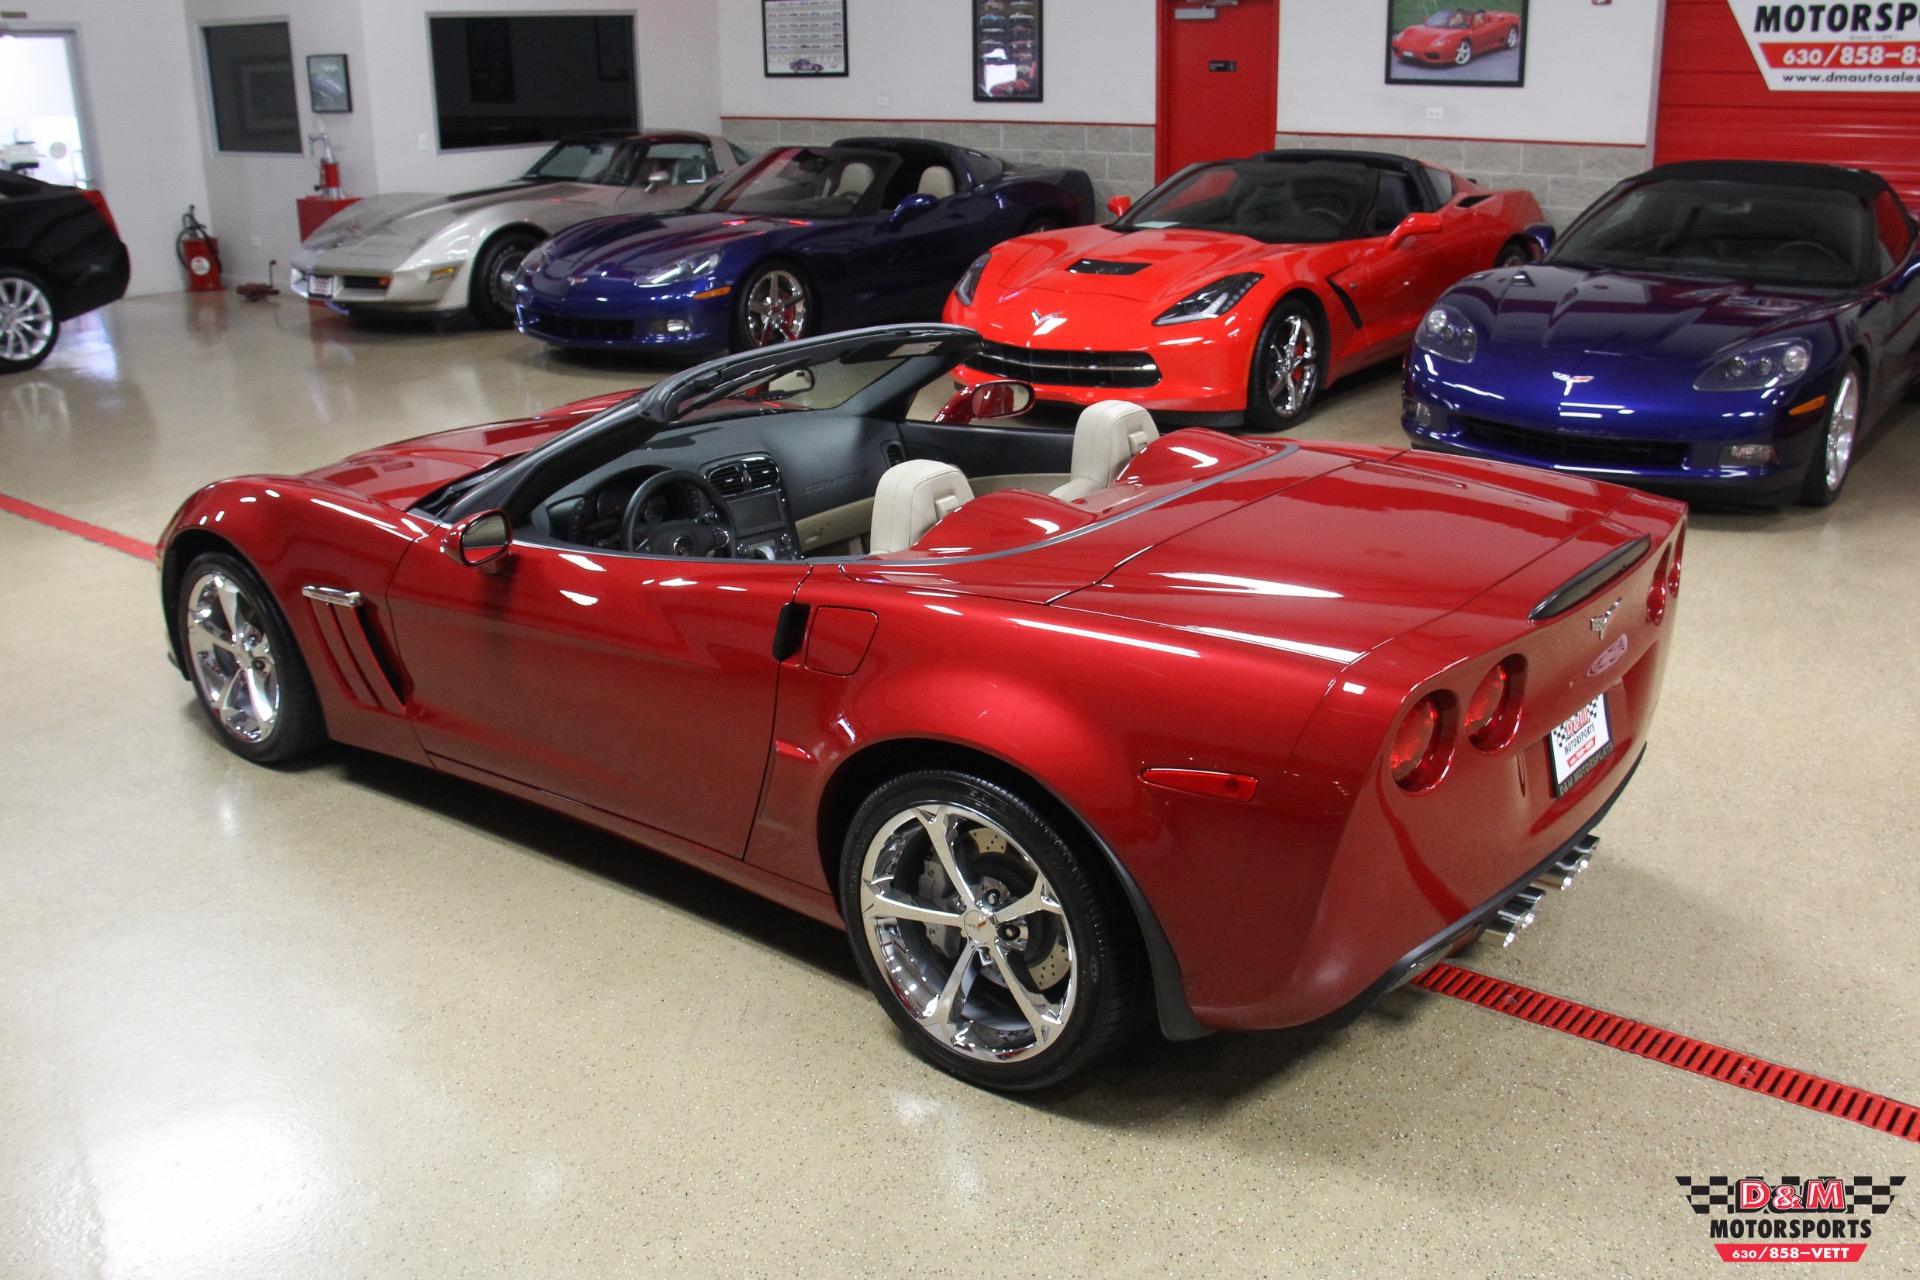 2013 chevrolet corvette grand sport convertible stock m6292 for sale near glen ellyn il il. Black Bedroom Furniture Sets. Home Design Ideas